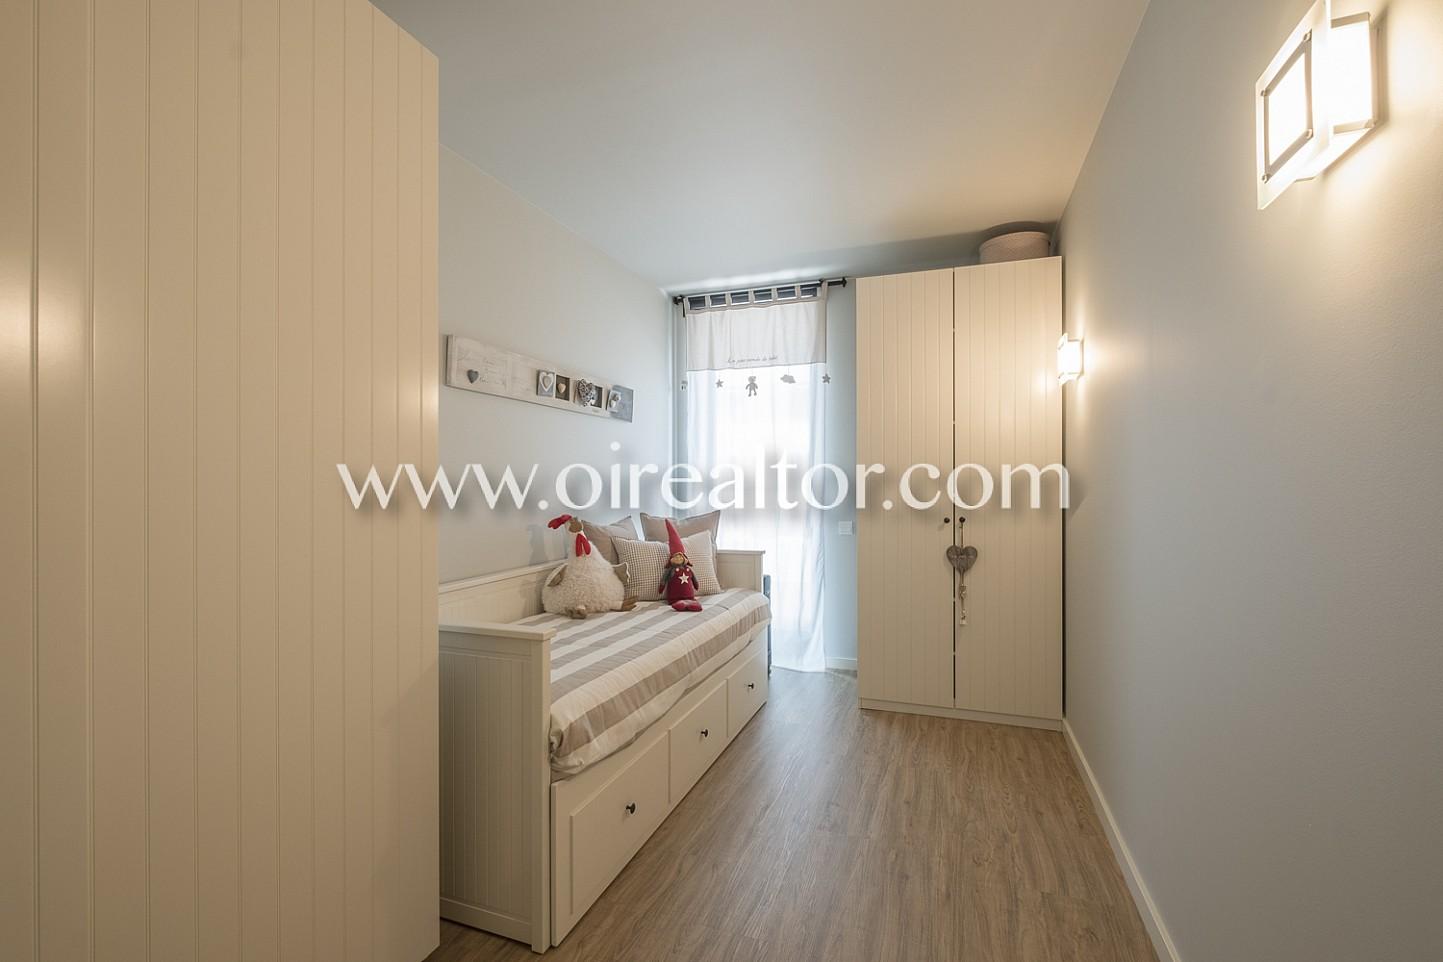 Dormitorio, habitación simple, dormitorio amplio, luminoso,